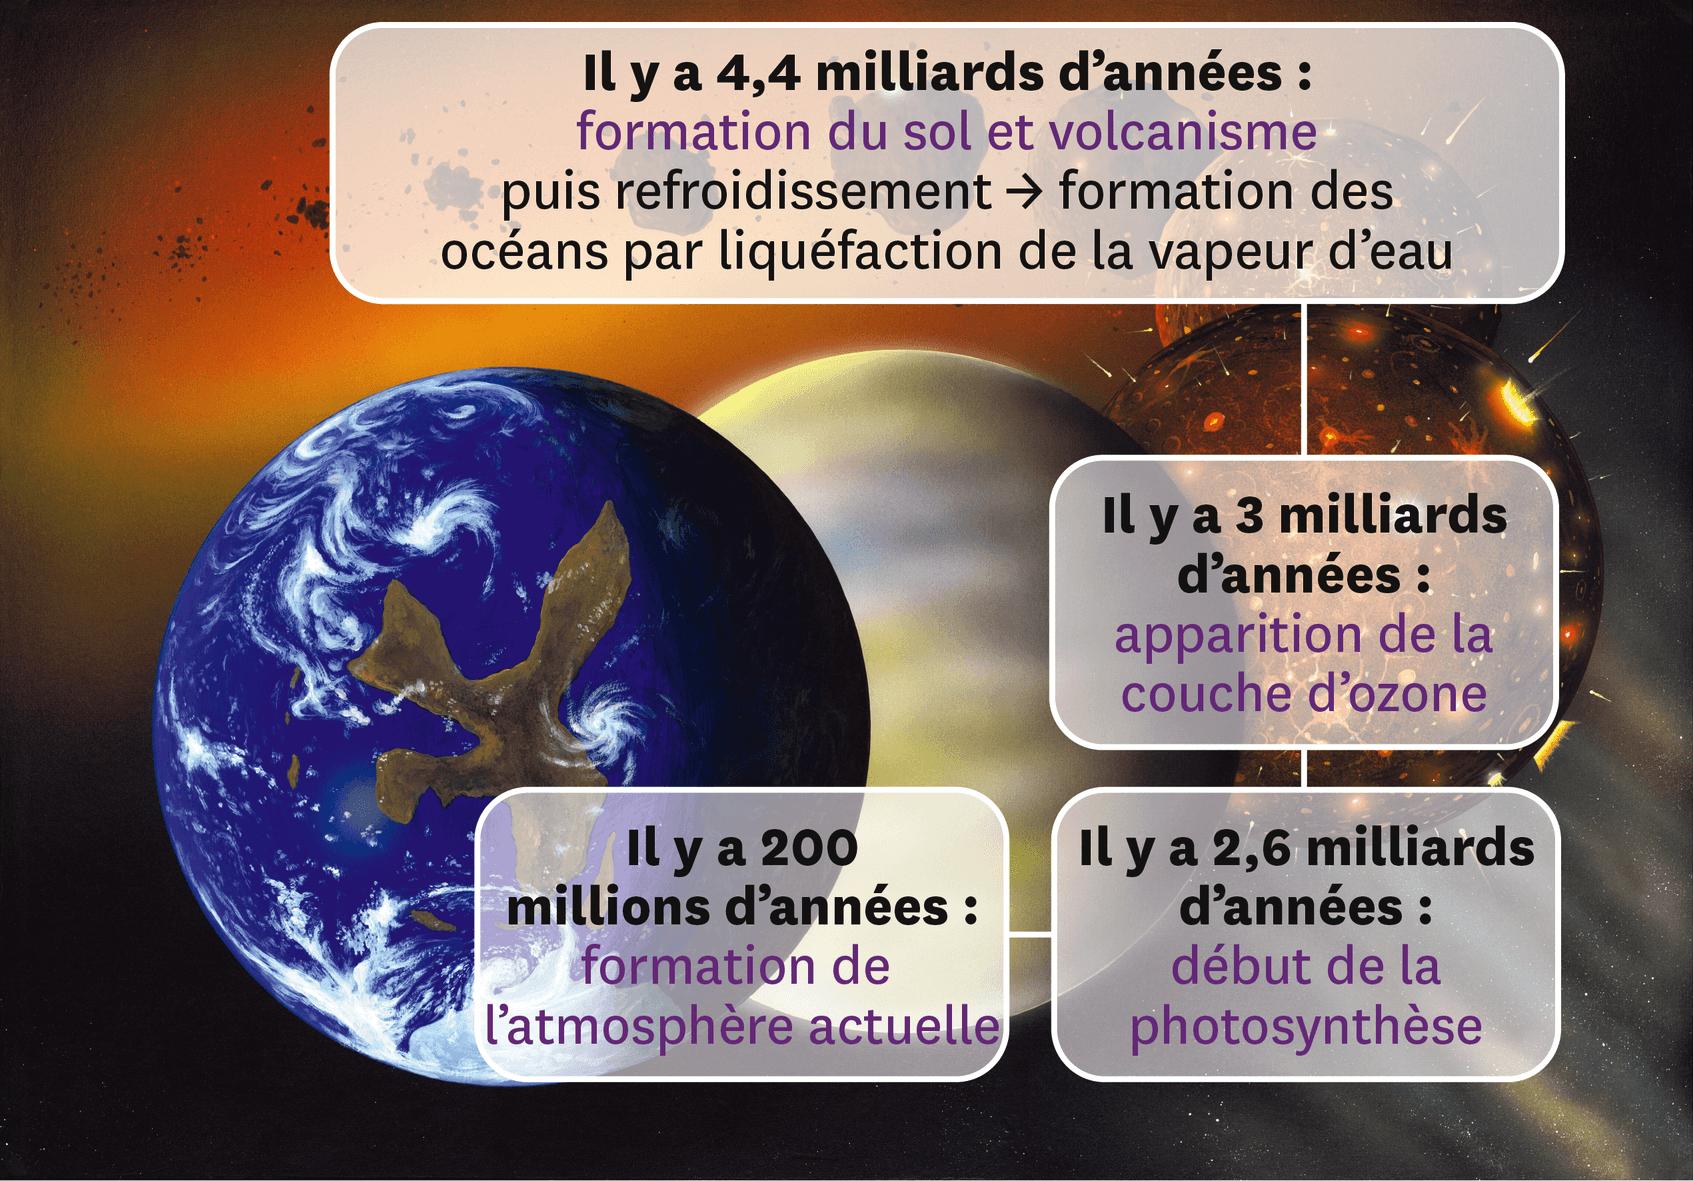 Principales étapes de la formation de la Terre.